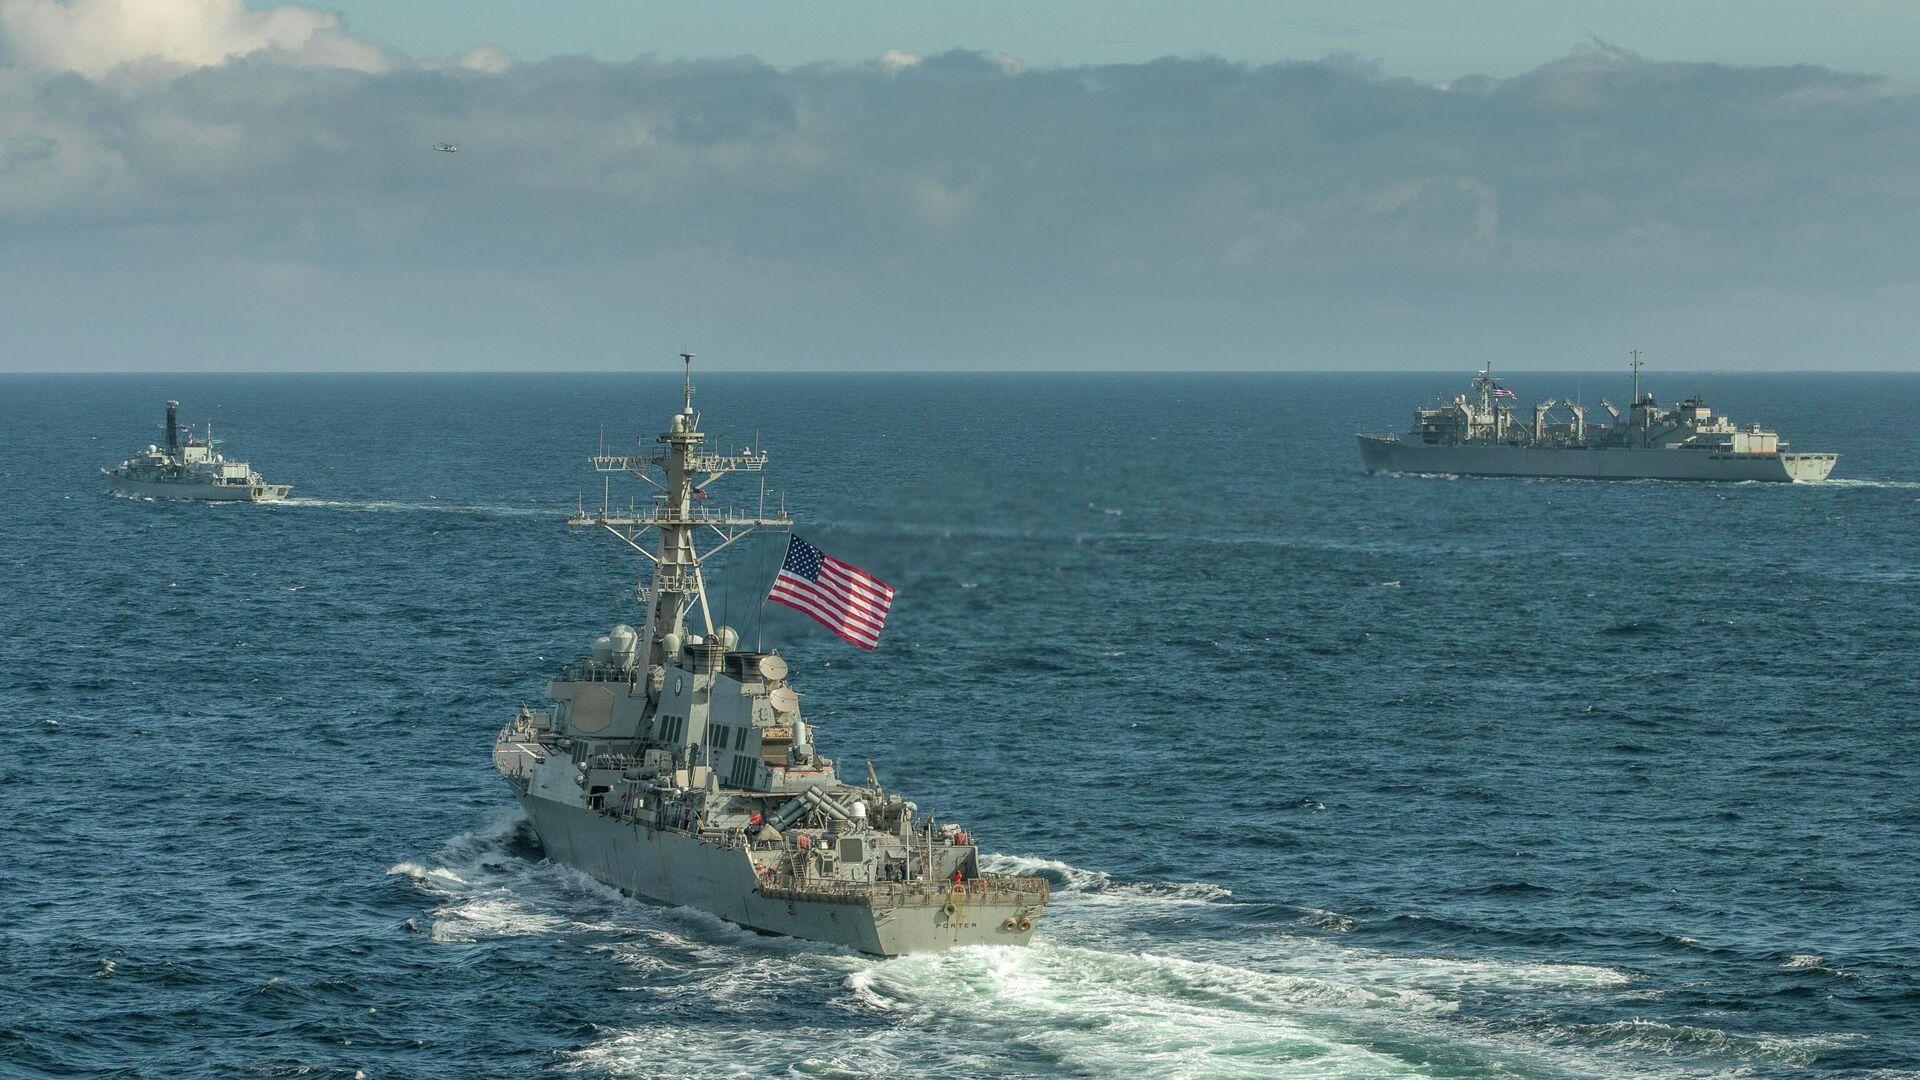 Эсминец ВМС США Портер, корабль поддержки USNS Supply и британский фрегат Кент во время учений в Баренцевом море. 5 мая 2020  - РИА Новости, 1920, 09.04.2021